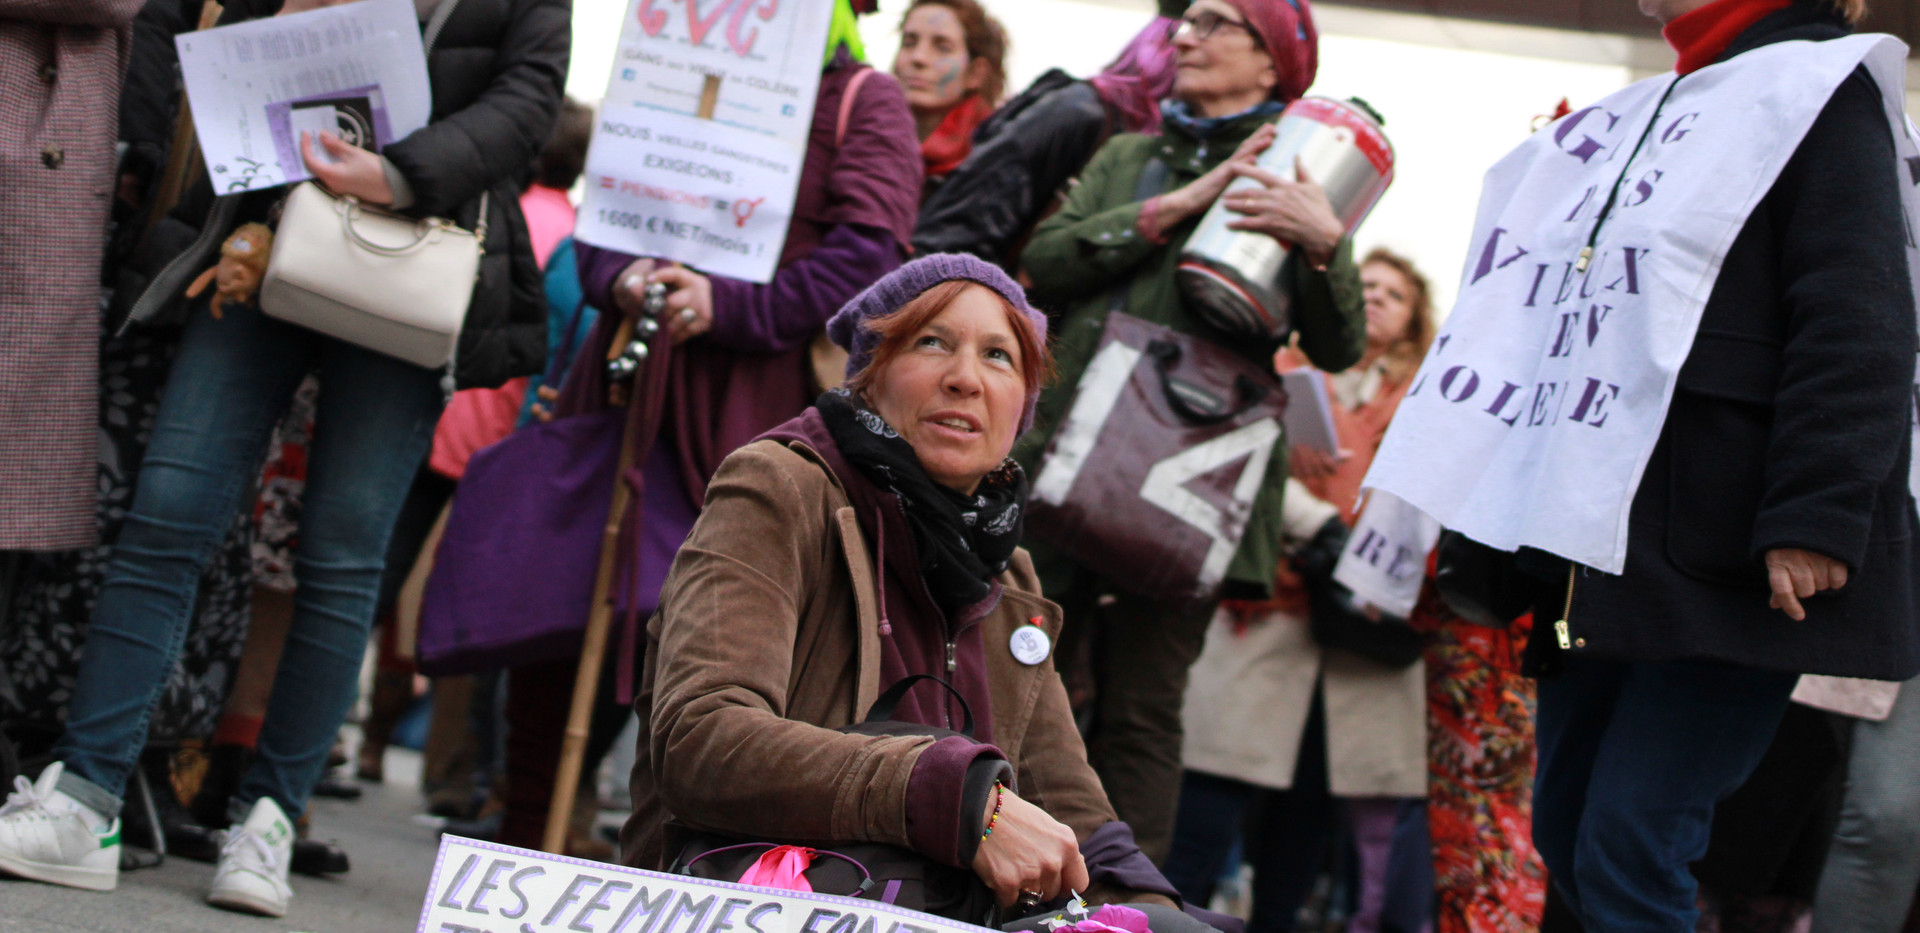 8M International Women's Day in Brussels